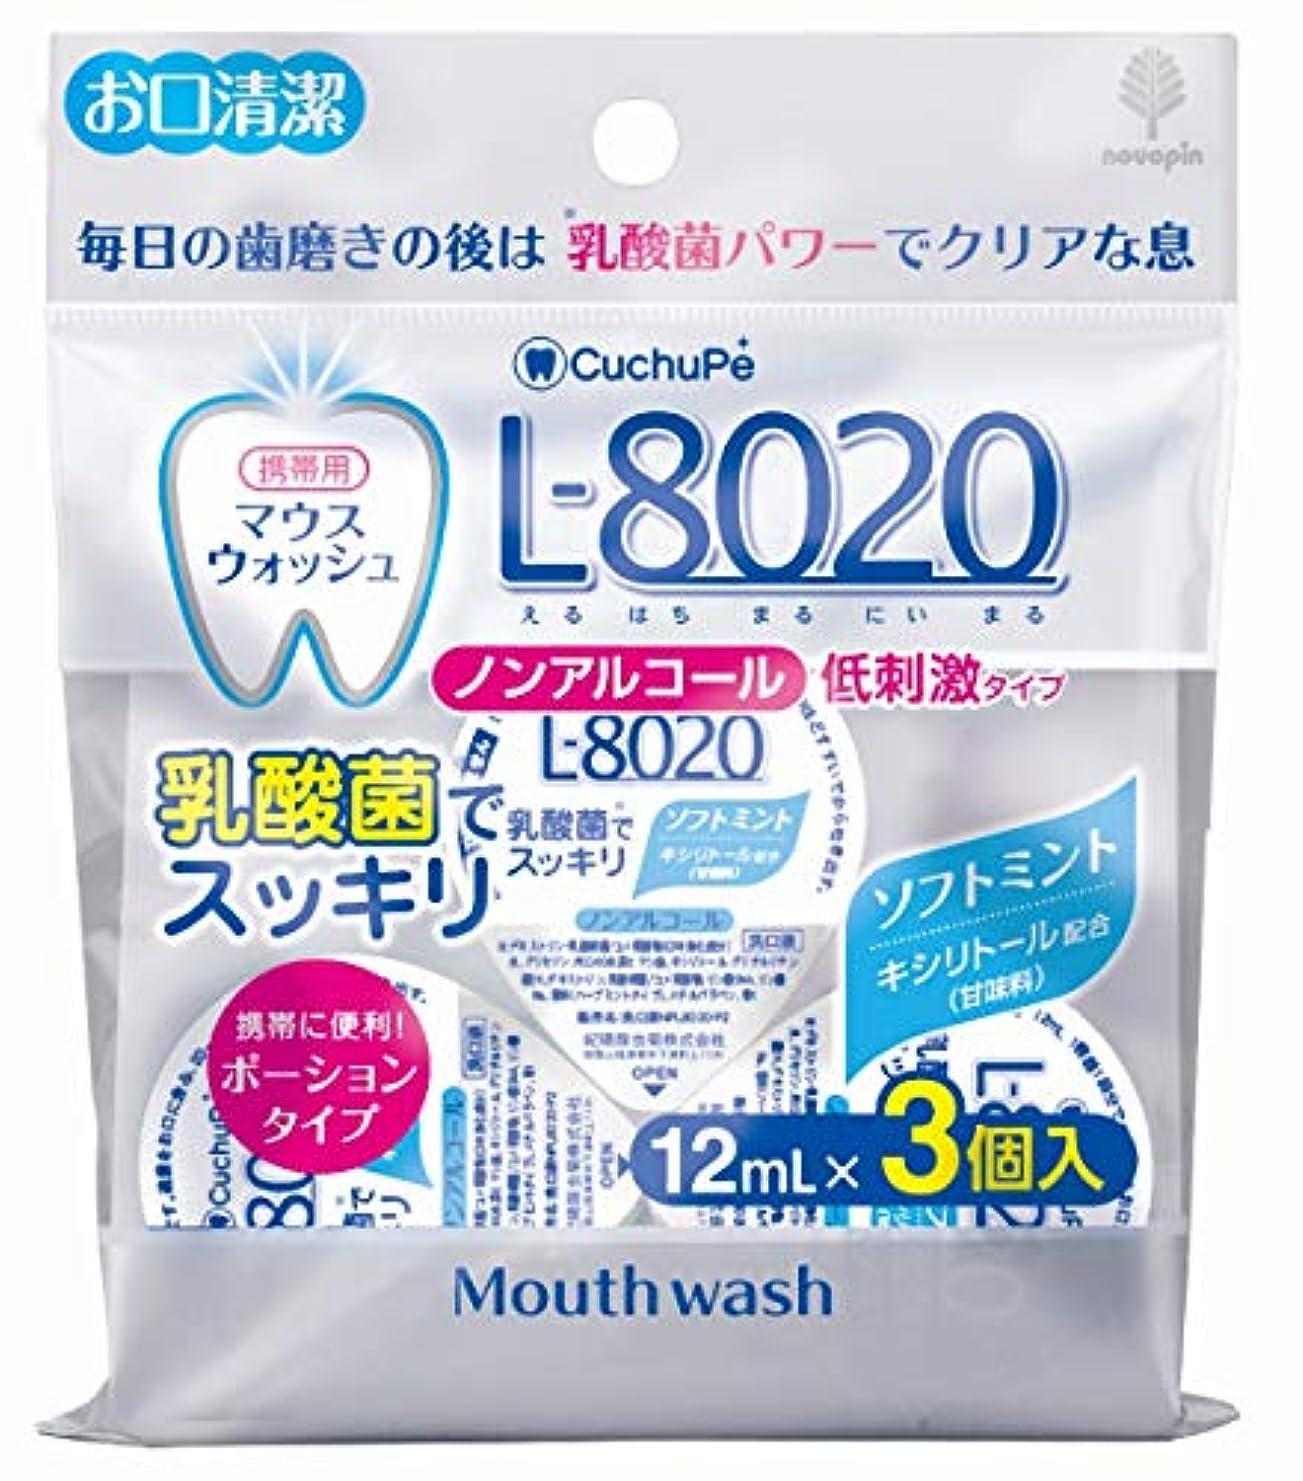 サンドイッチ驚いたマーチャンダイザー日本製 made in japan クチュッペL-8020 ソフトミント ポーションタイプ3個入(ノンアルコール) K-7094【まとめ買い10個セット】